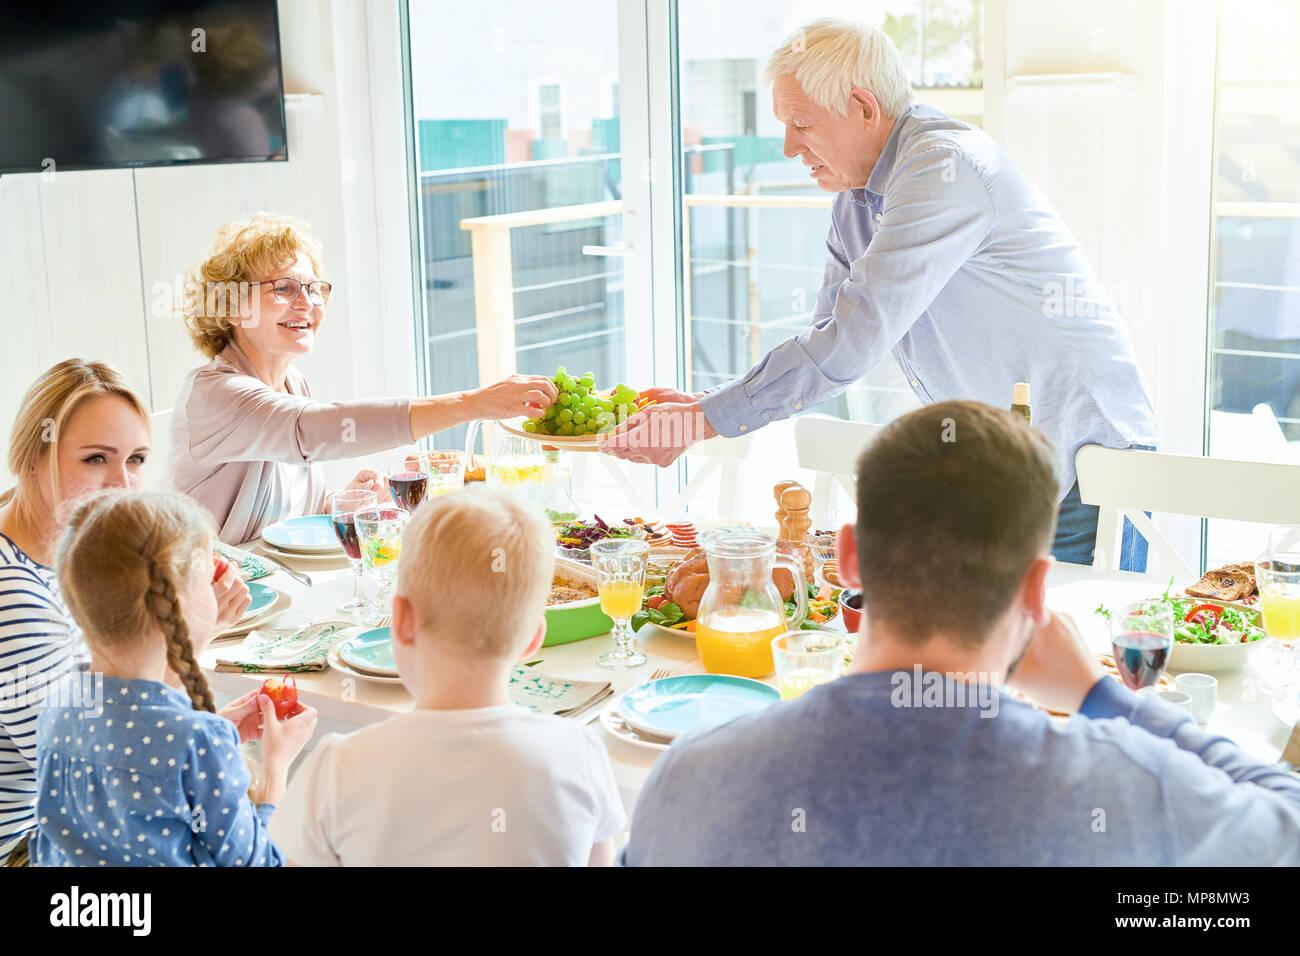 Repas de famille à la maison Photo Stock